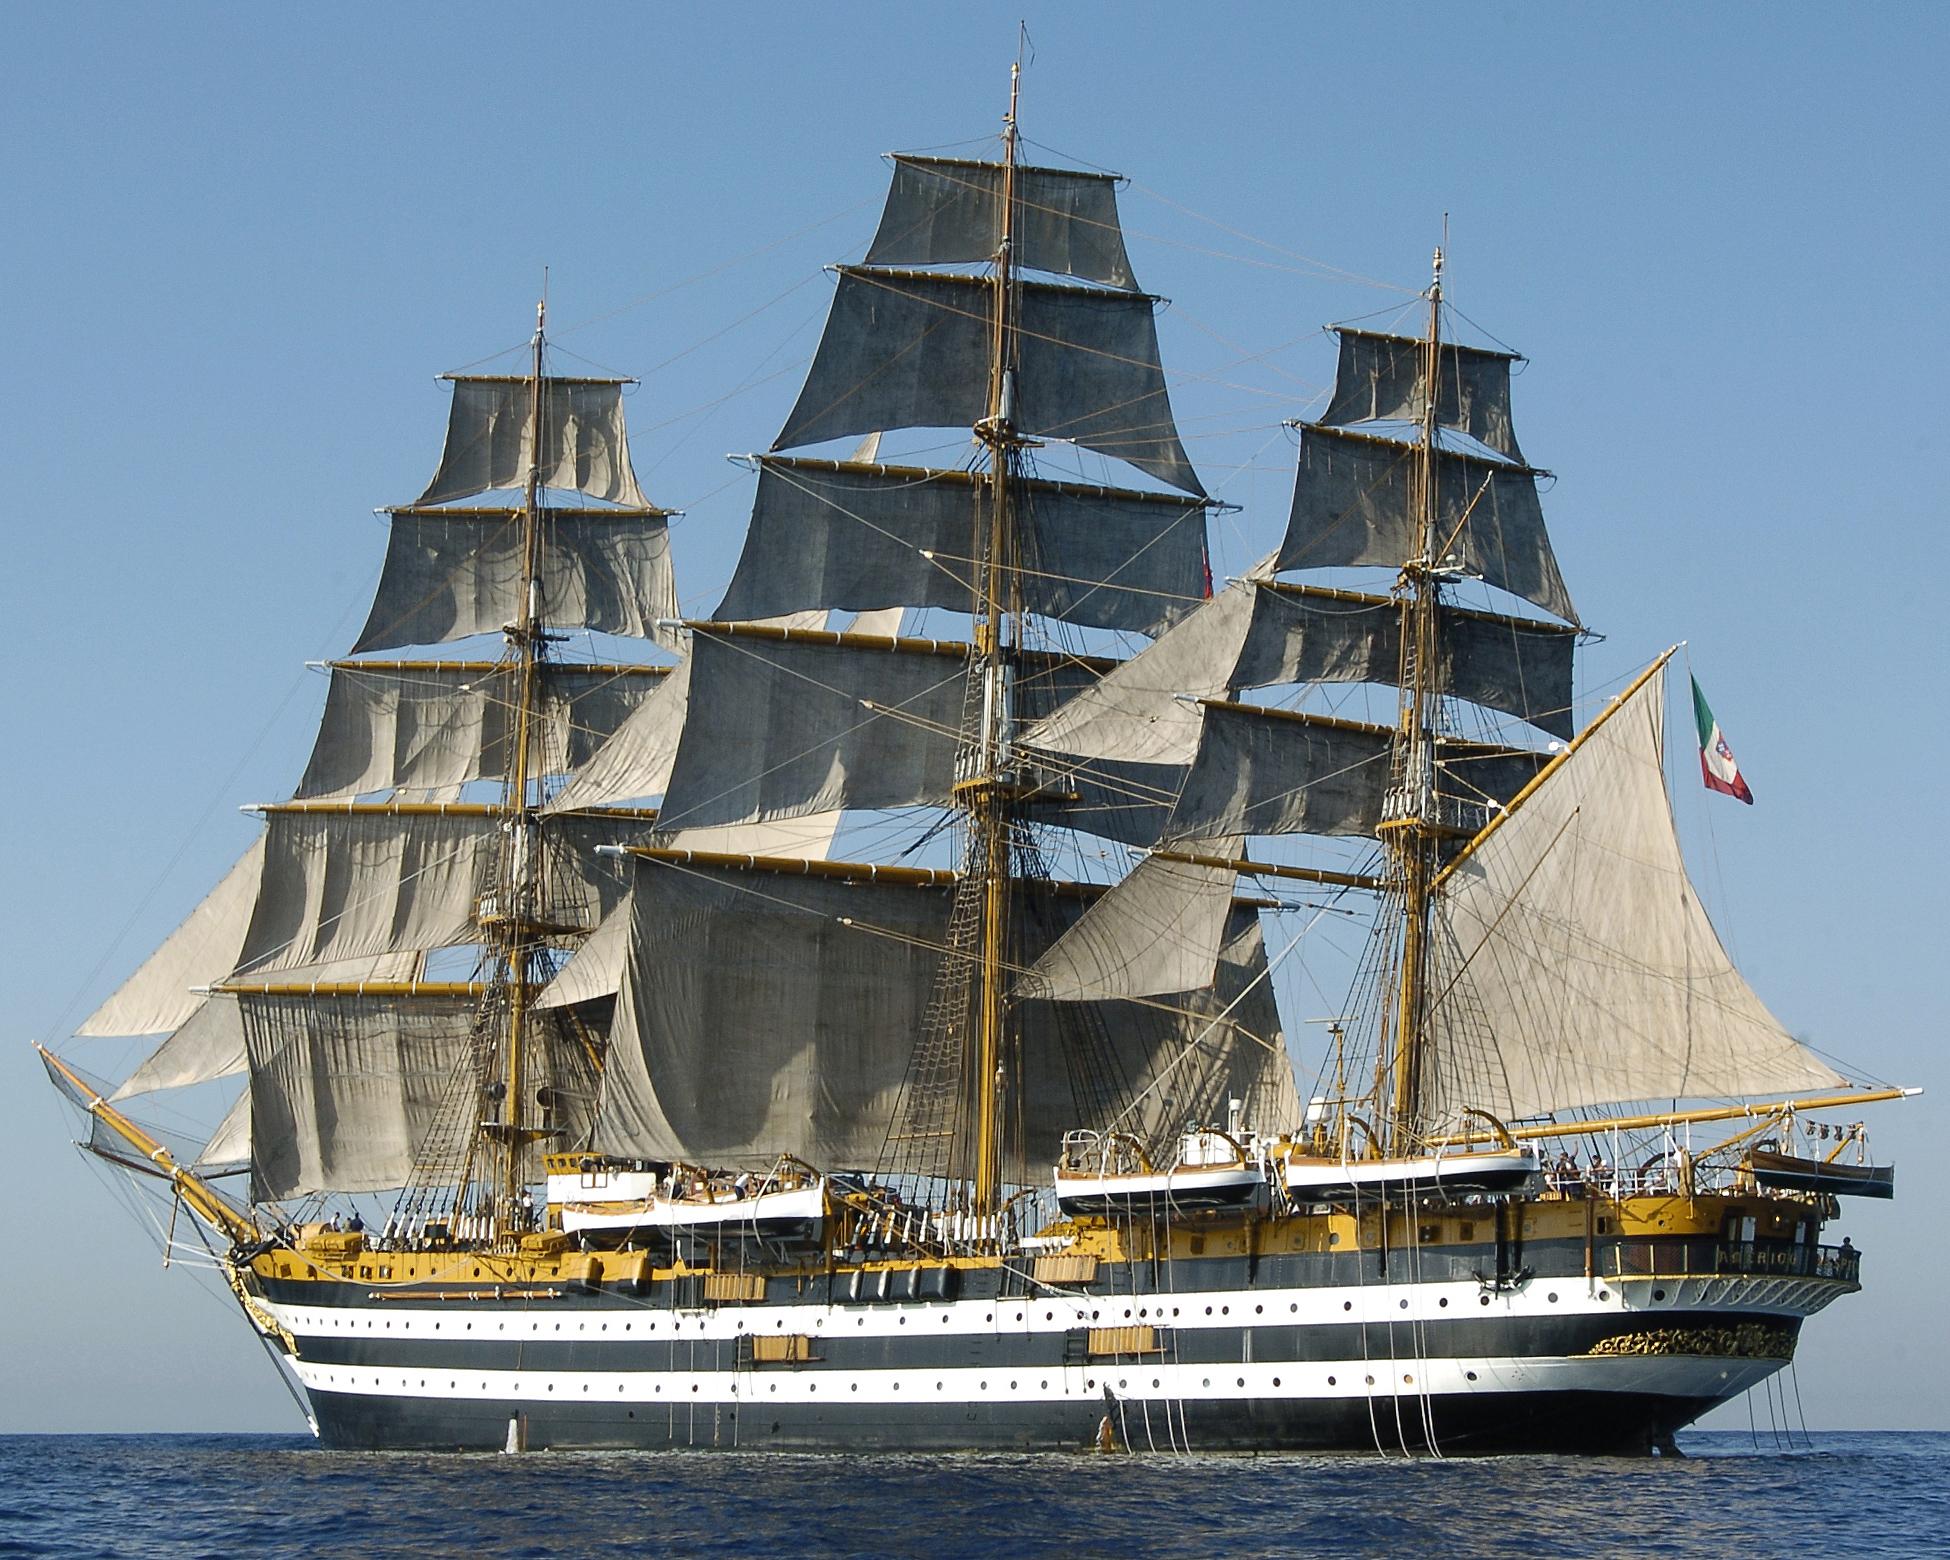 Ischia News ed Eventi - Marina Militare: Nave Amerigo Vespucci in sosta a  Castellammare di Stabia. La nave torna in visita nella città campana dove  fu costruita 86 anni fa